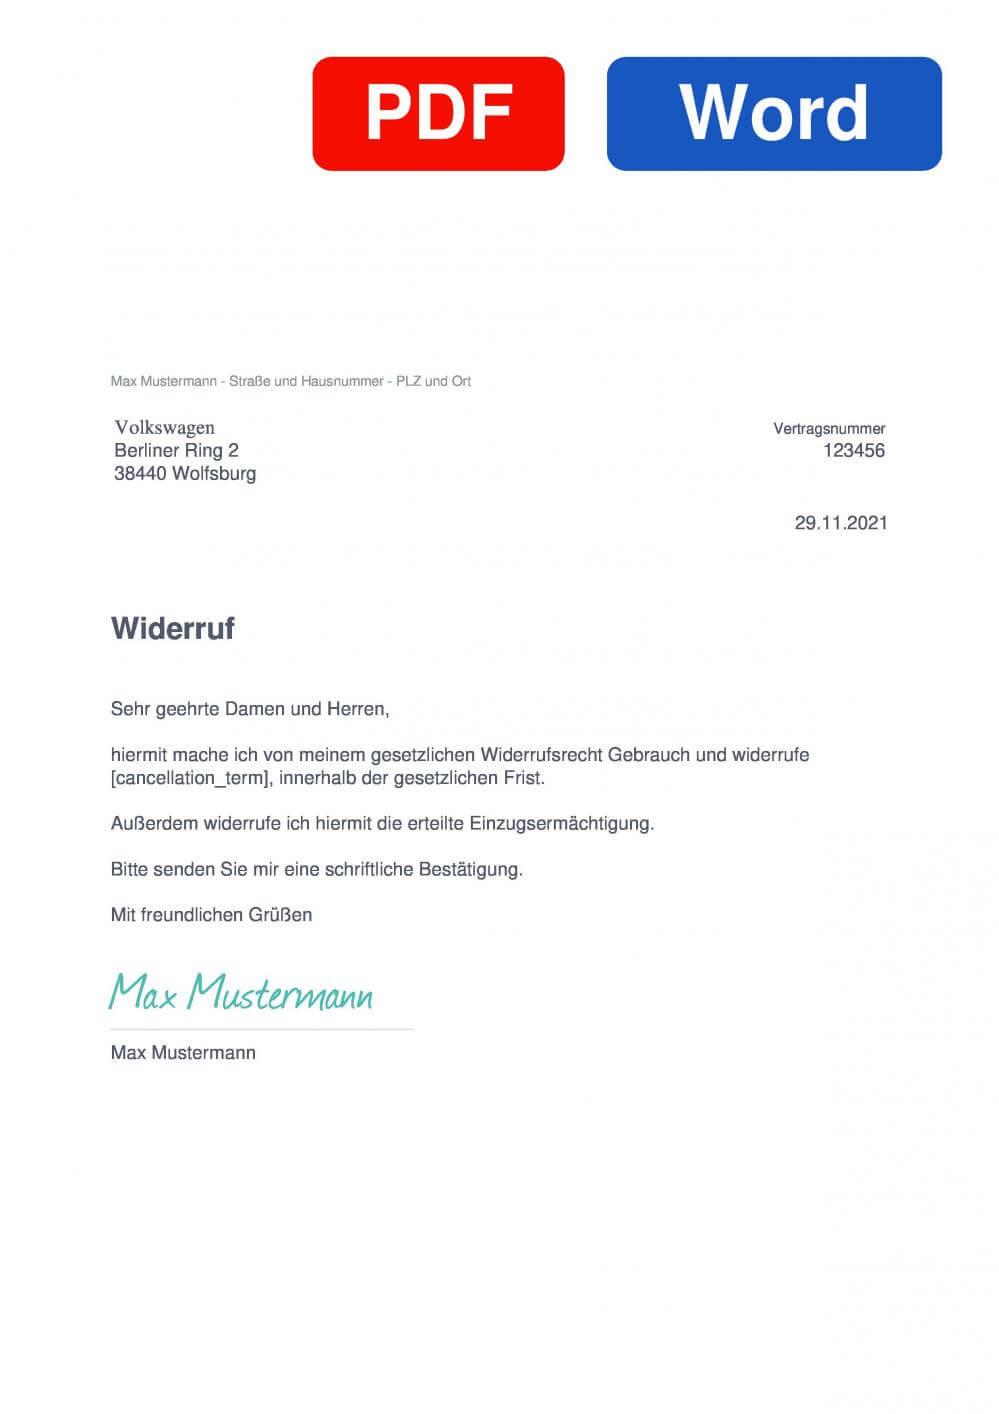 VW Leasing Muster Vorlage für Wiederrufsschreiben